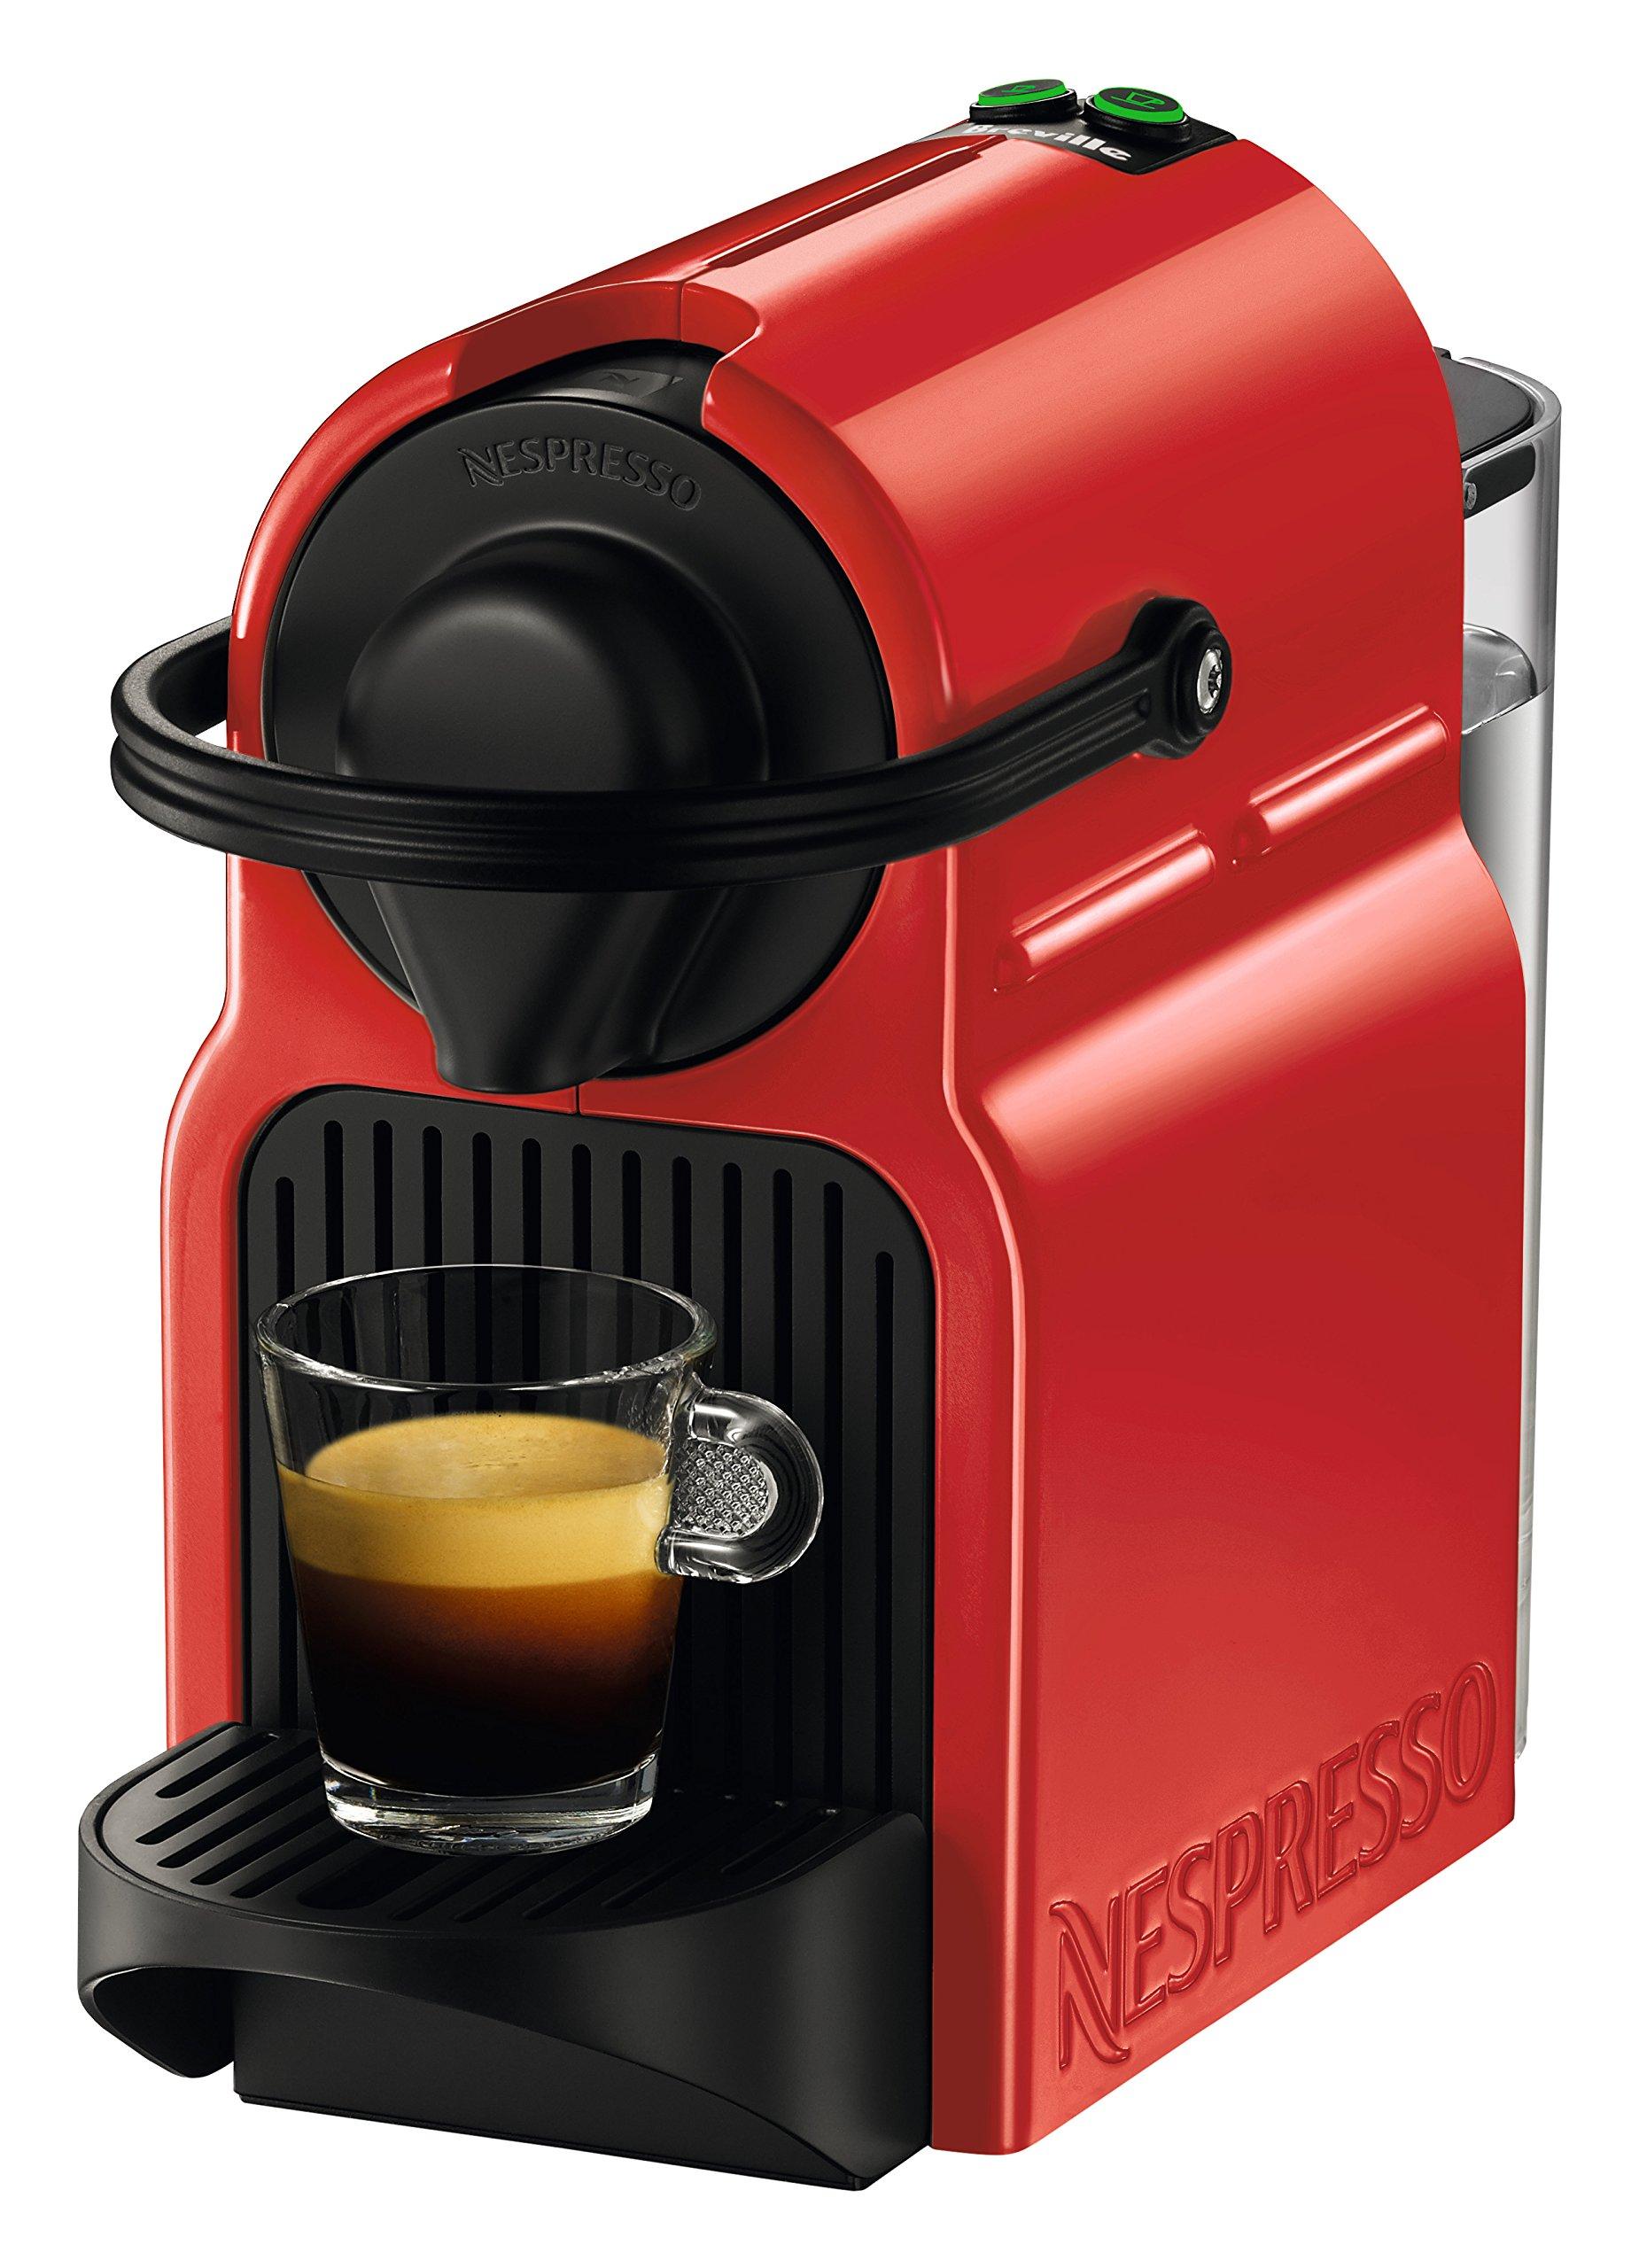 Nespresso Inissia Espresso Machine by Breville, Red